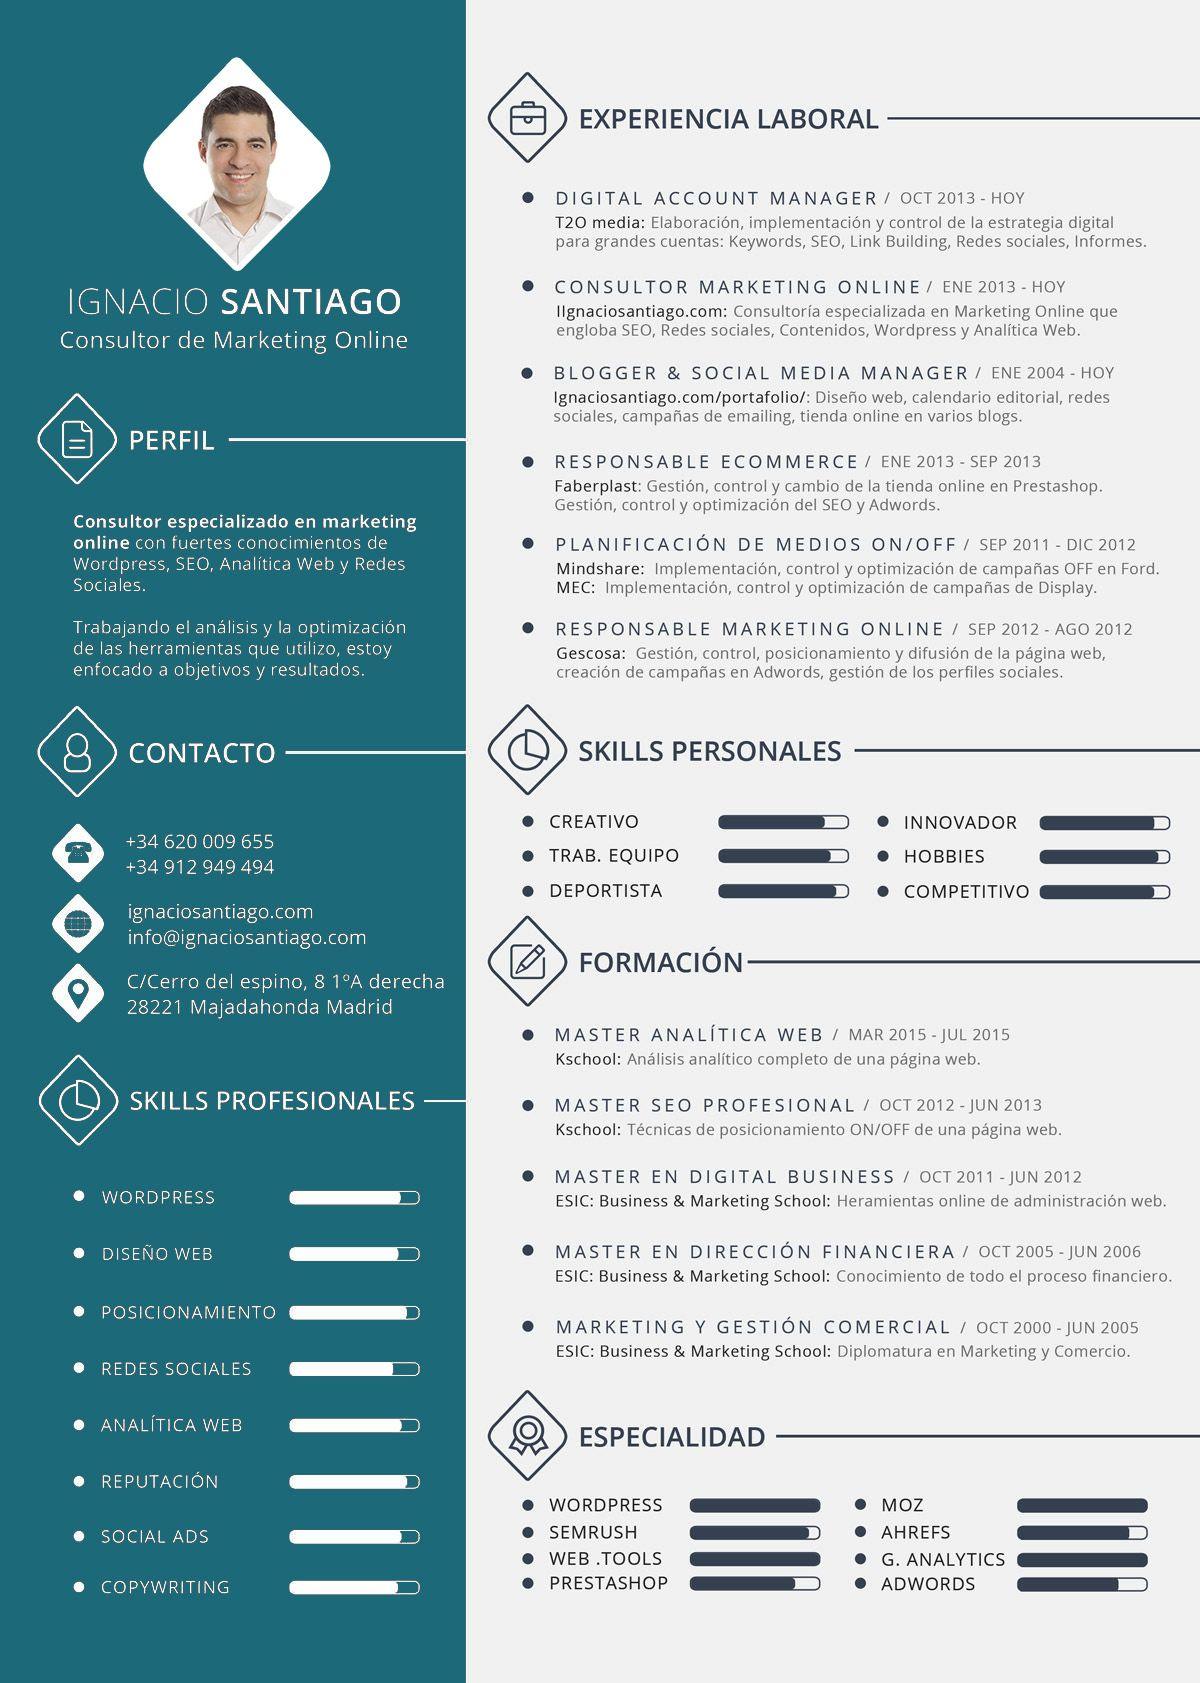 plantilla curriculum vitae cv ignacio santiago  u2026